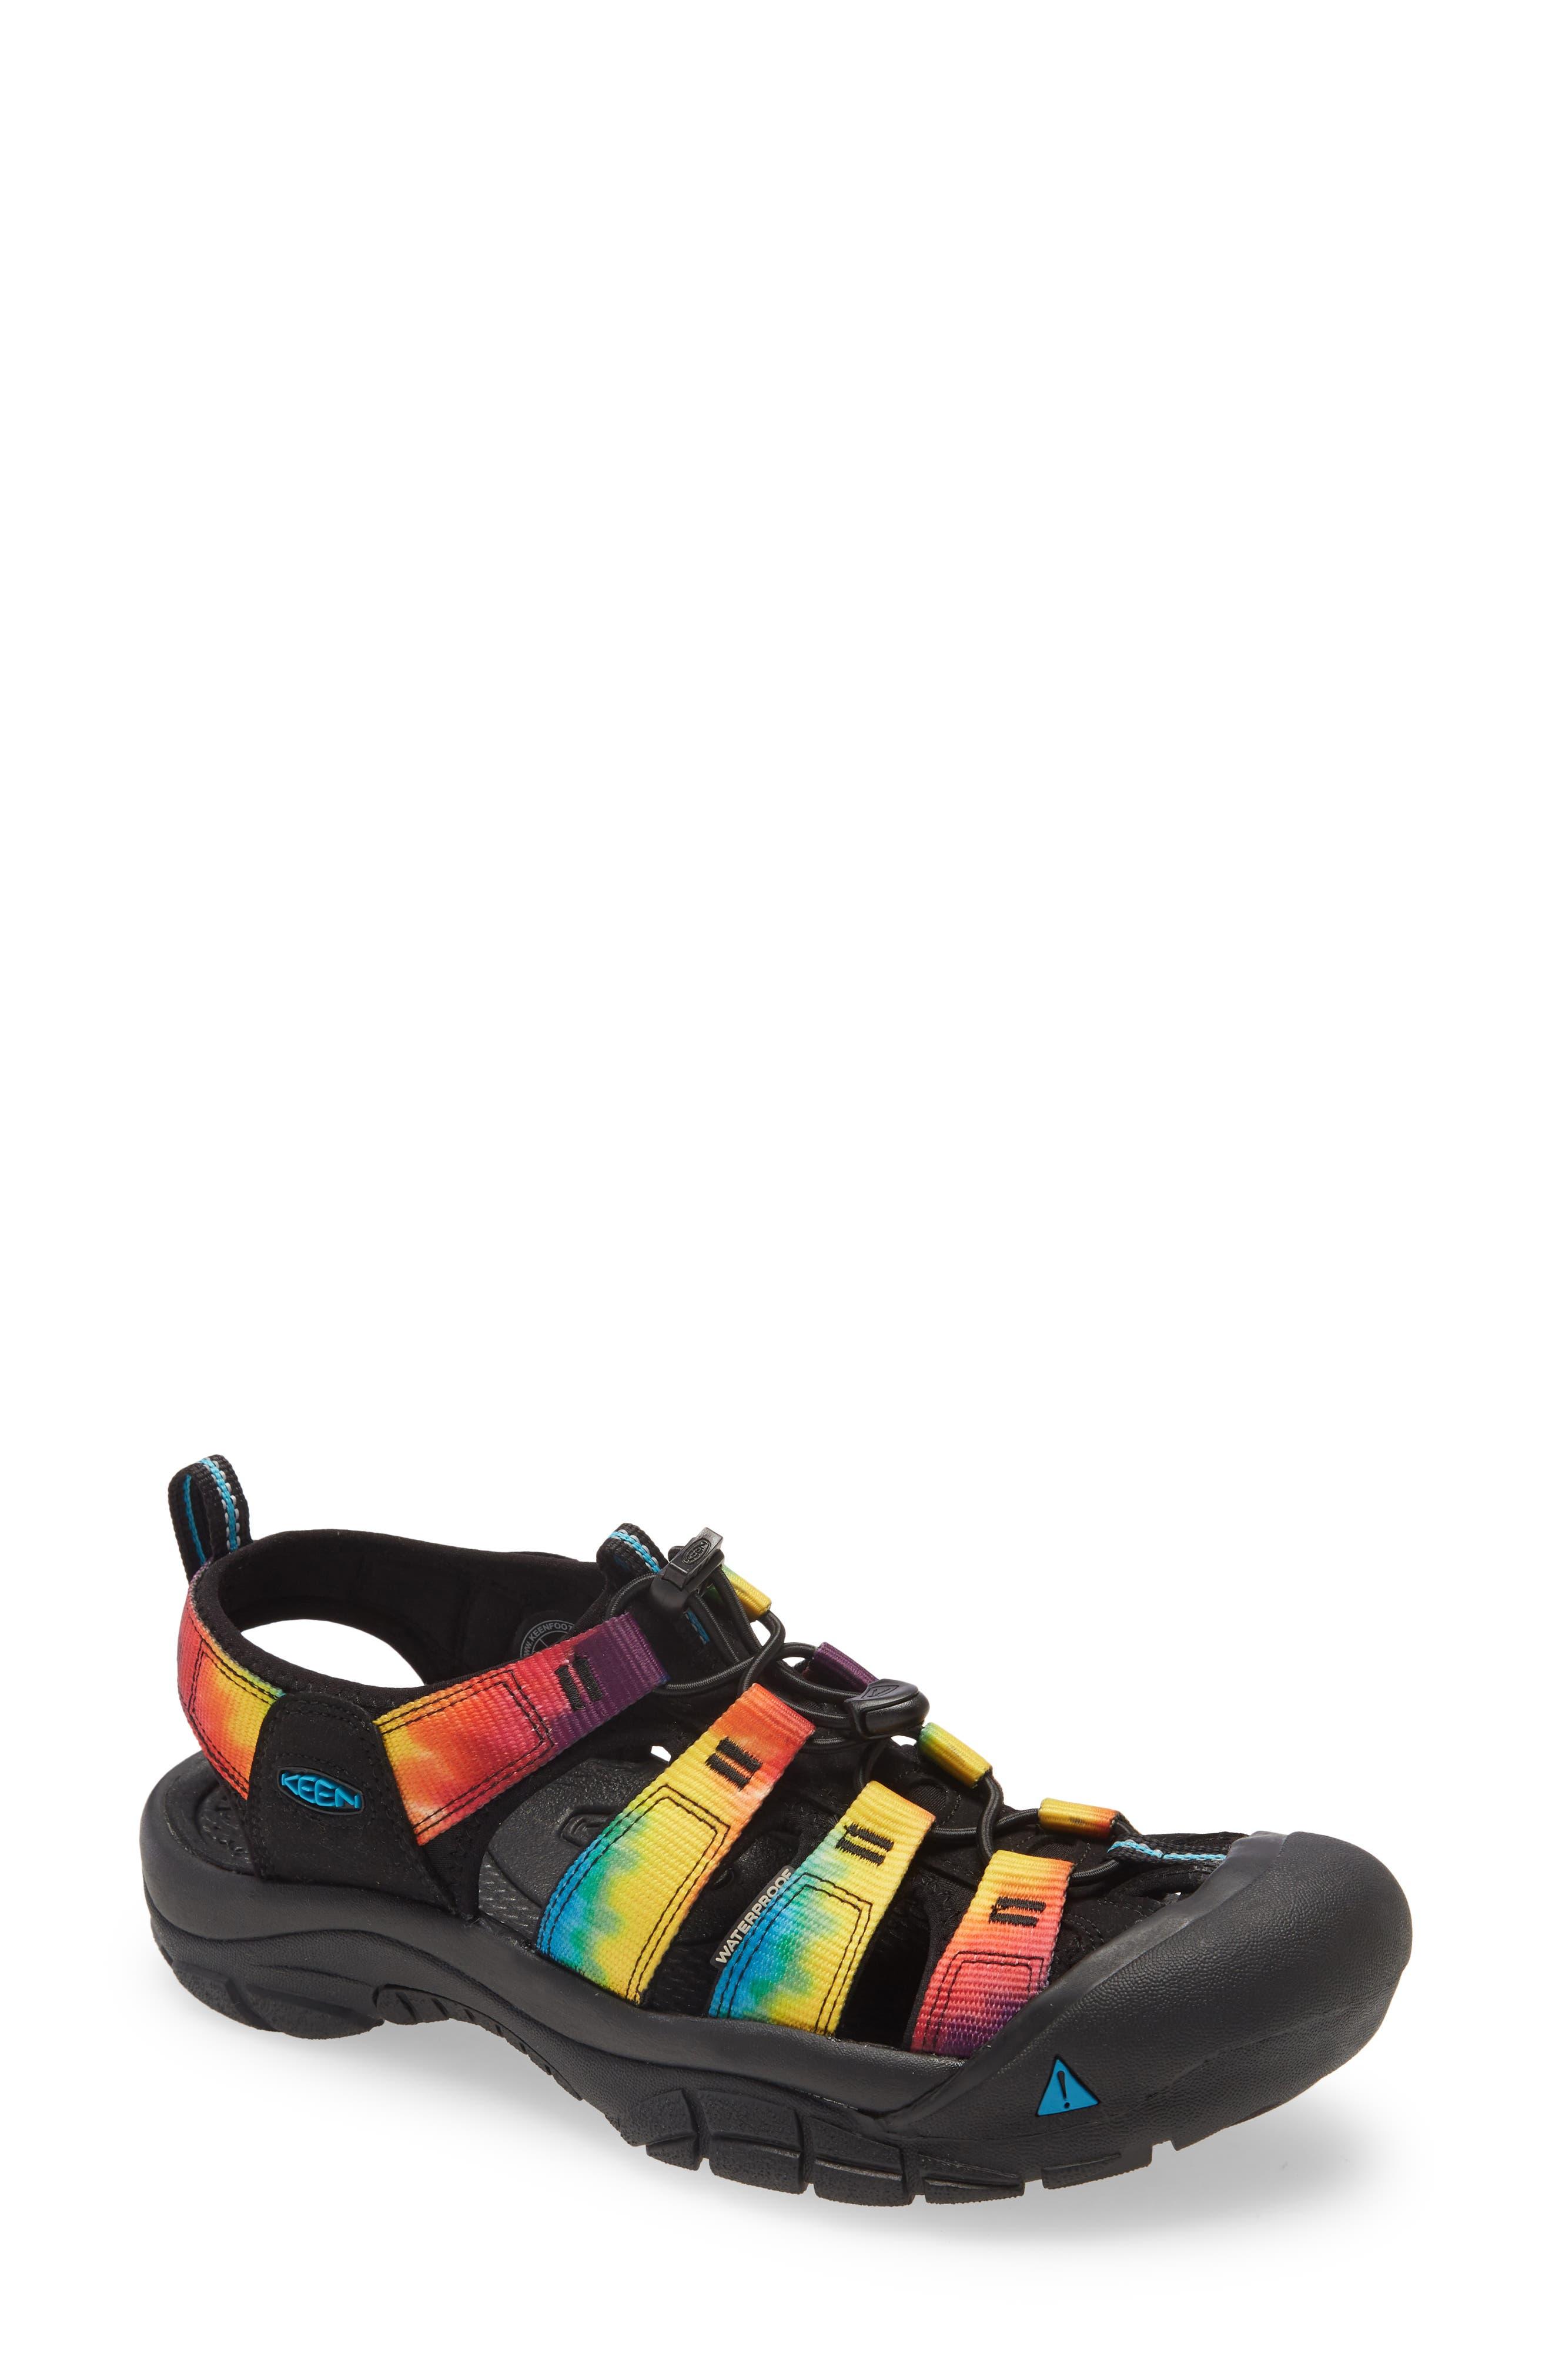 Retro Newport Waterproof Sandals